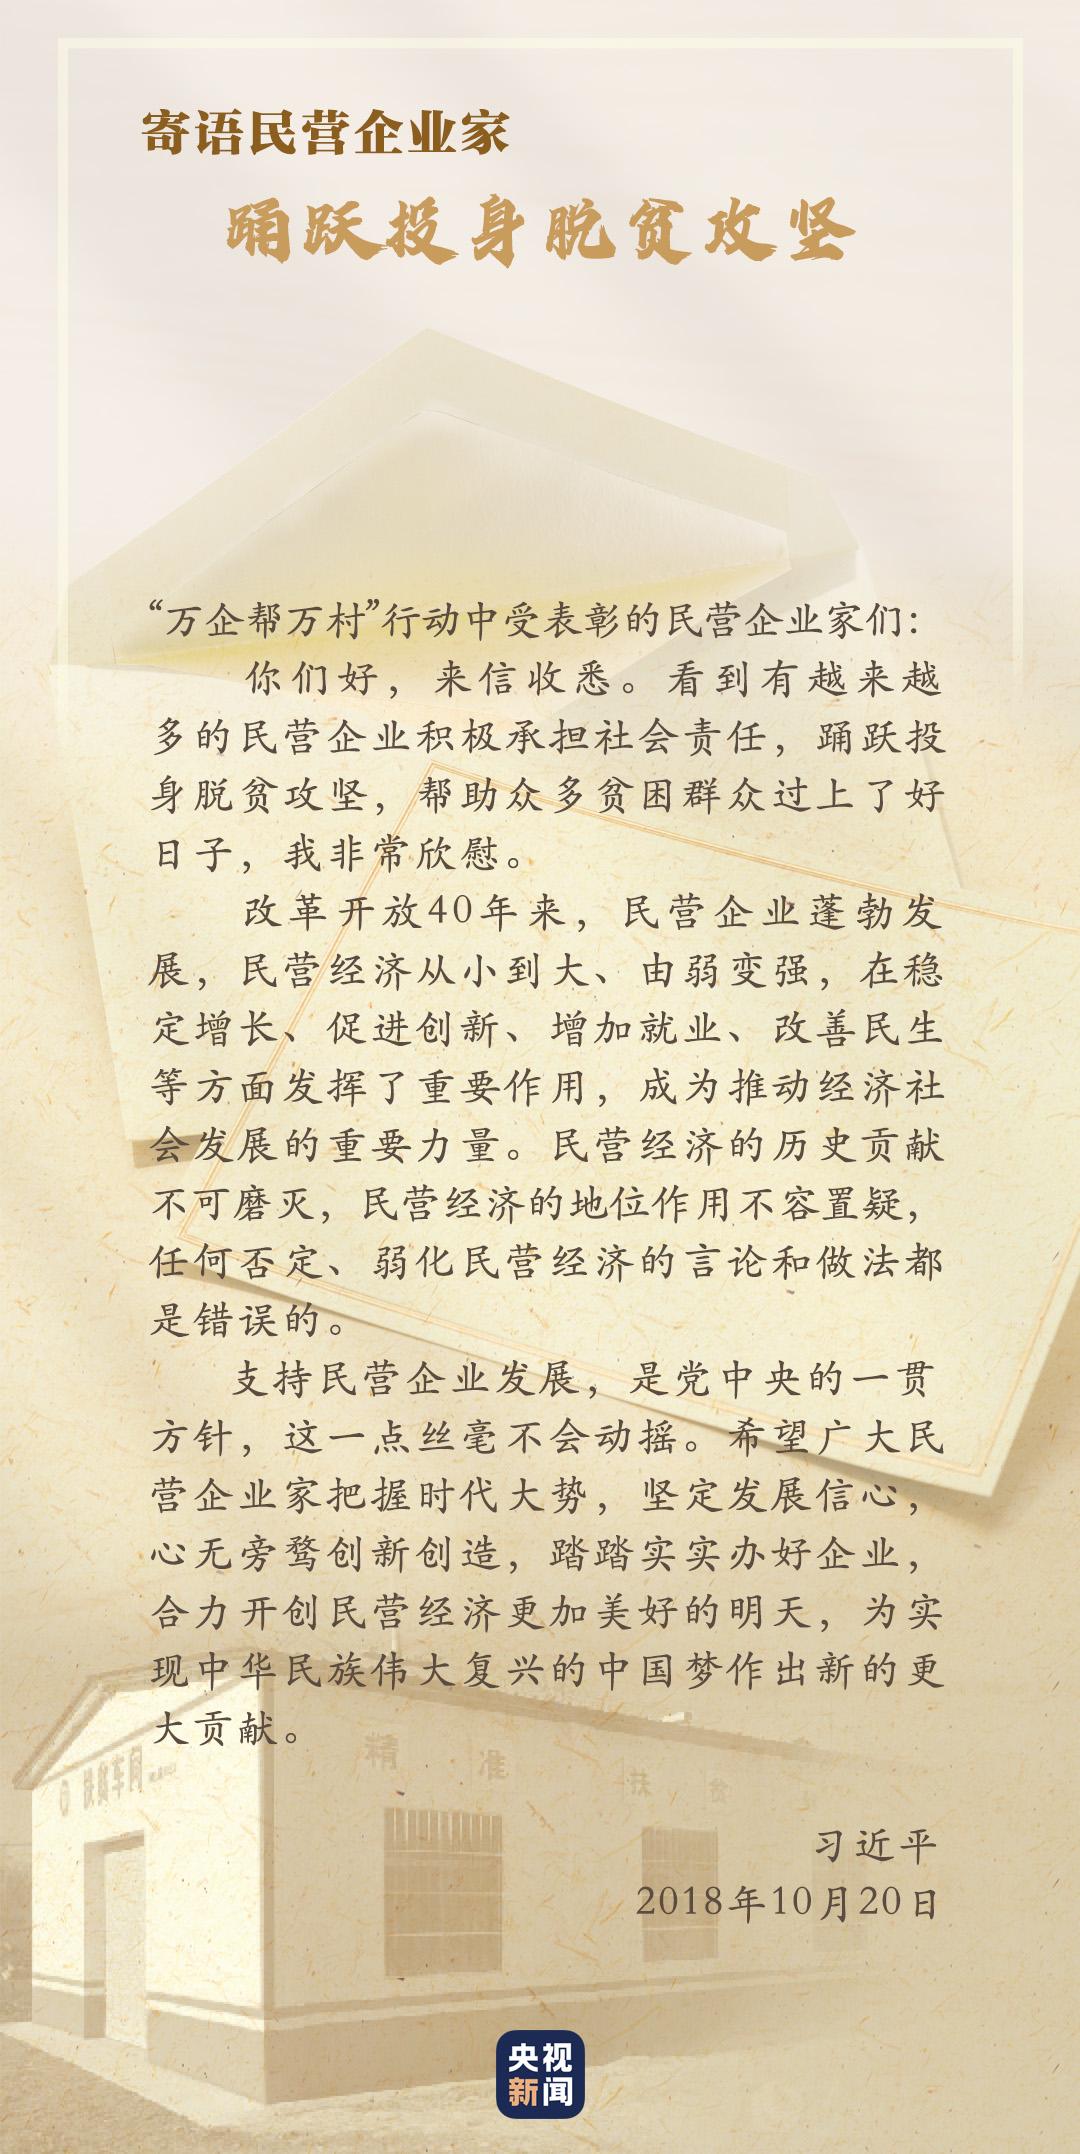 习近平的信札丨纸短情长话脱贫